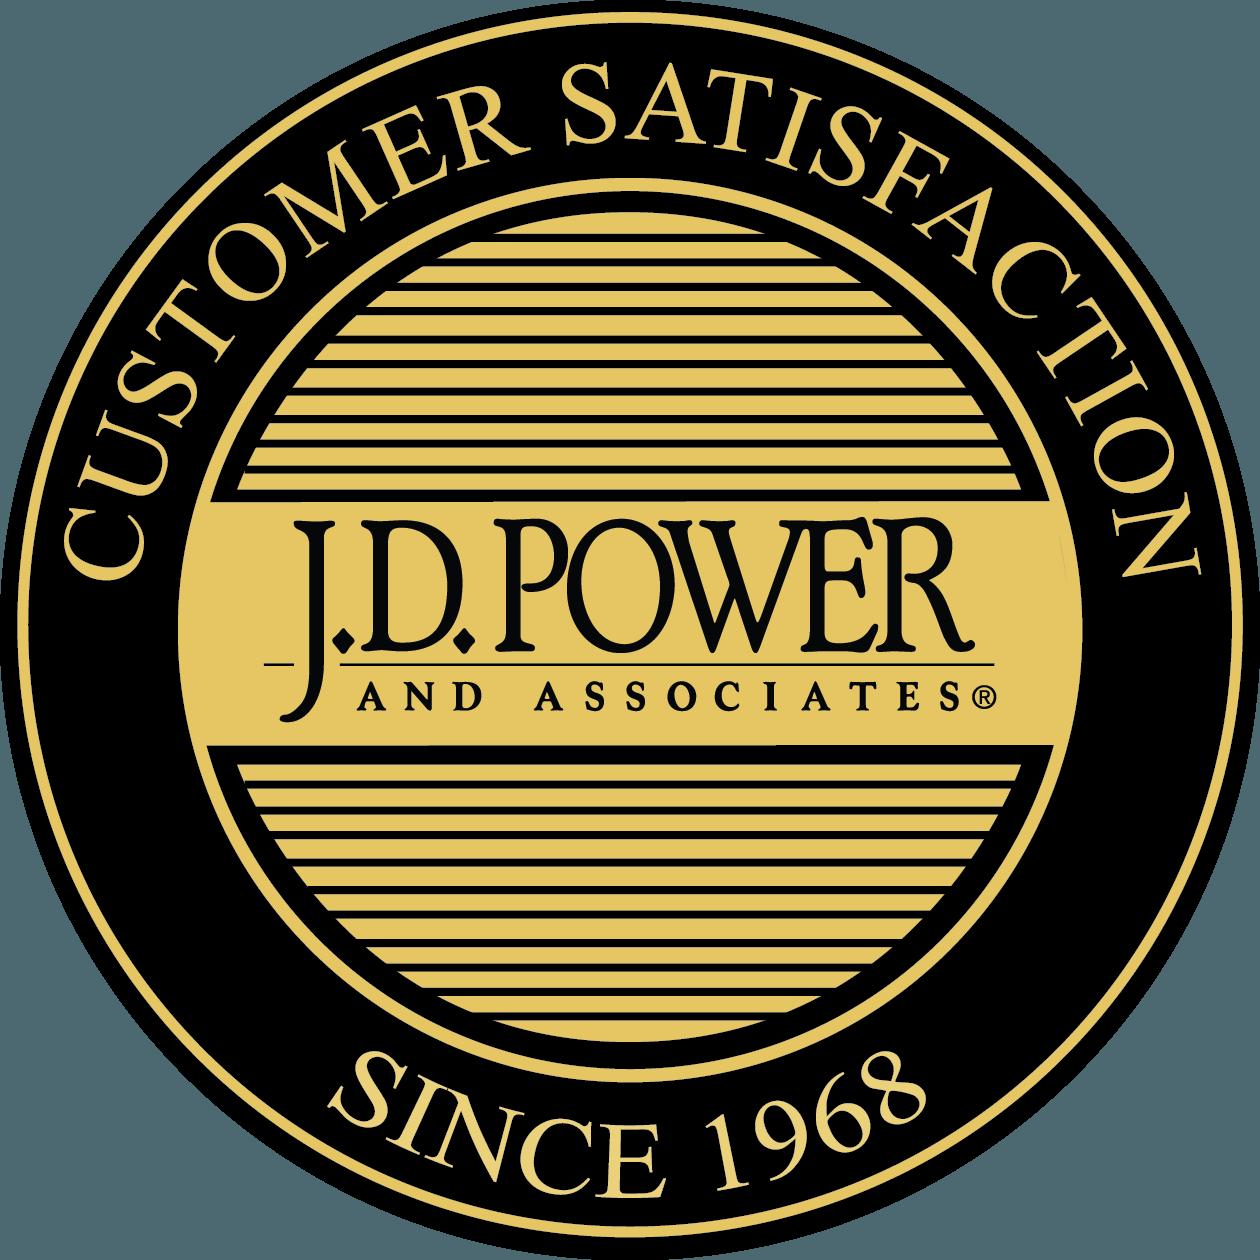 Logo do ranking J.D. Power